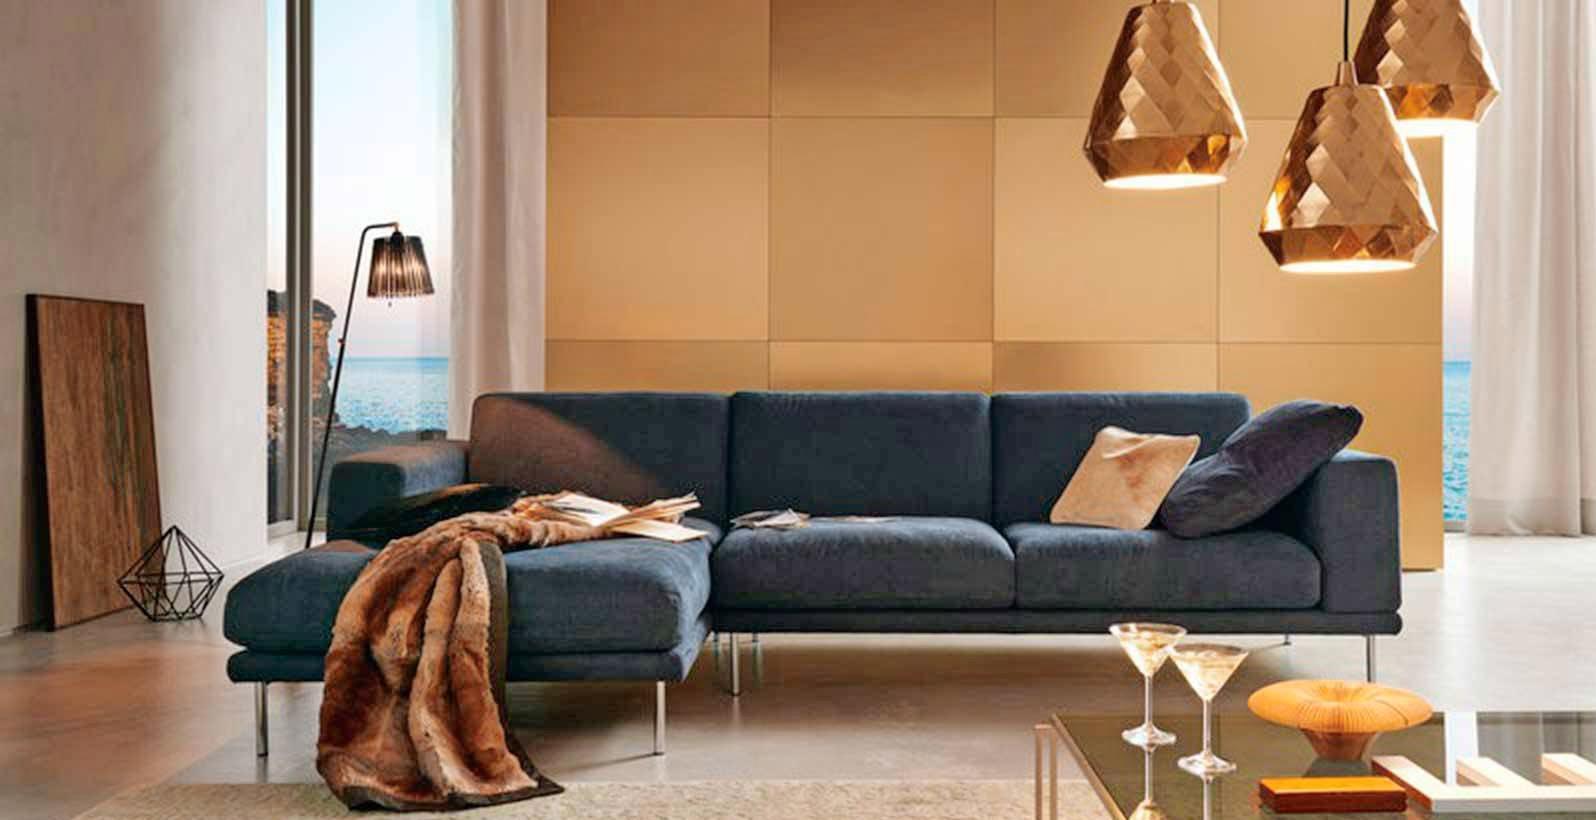 Kuschelige Decken, warmes Licht: So wird das Wohnzimmer zu einem Rückzugsort mit hoher Aufenthaltsqualität. Foto: wk-wohnen